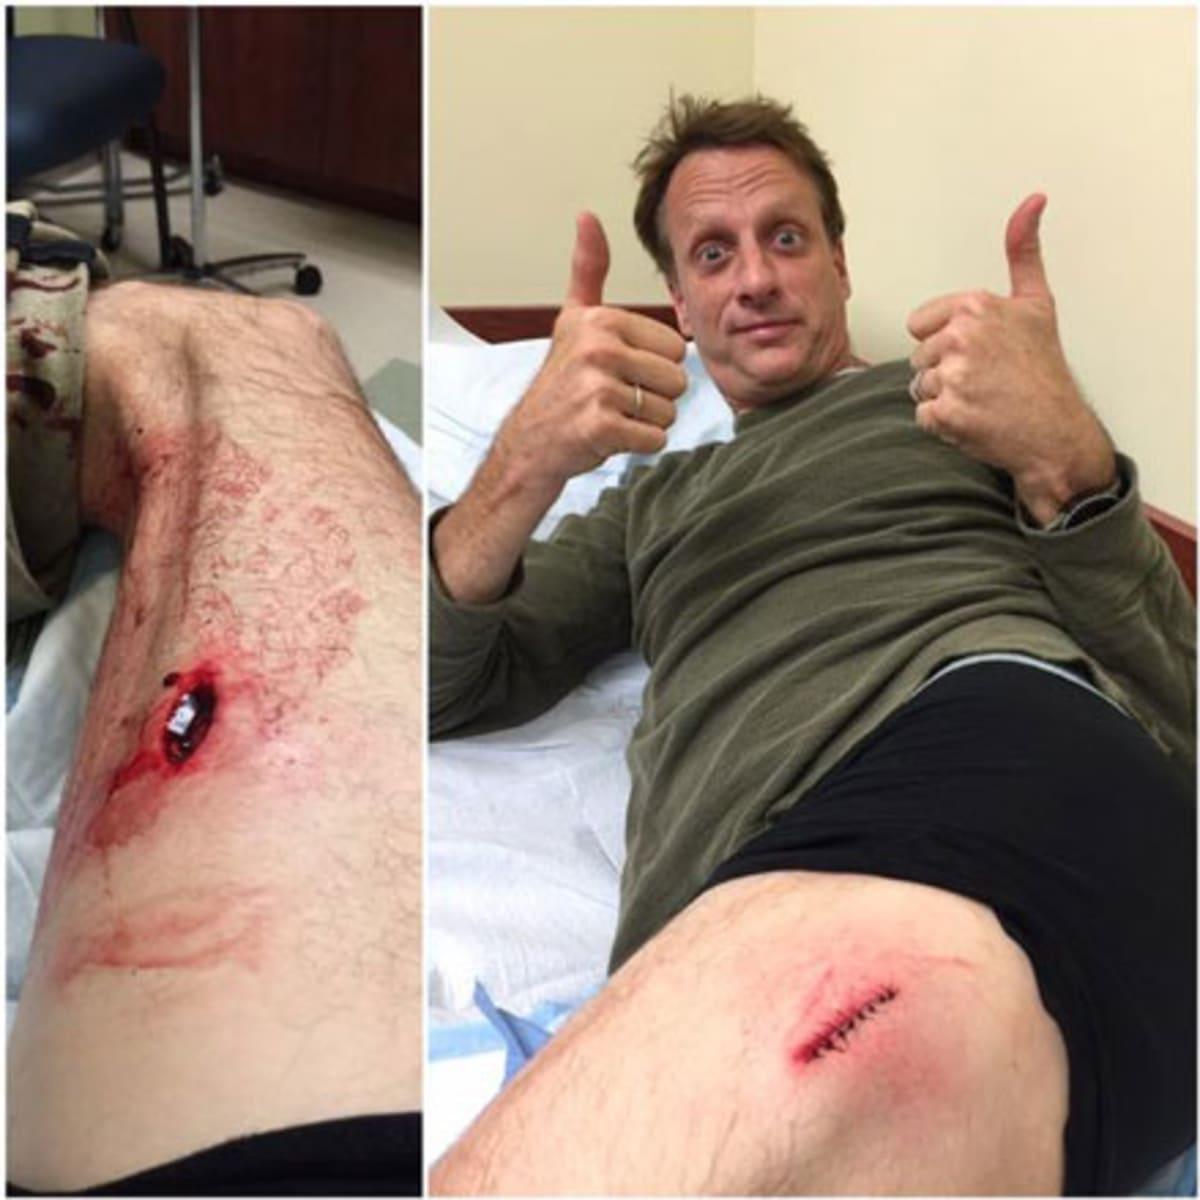 Tony hawk injuries